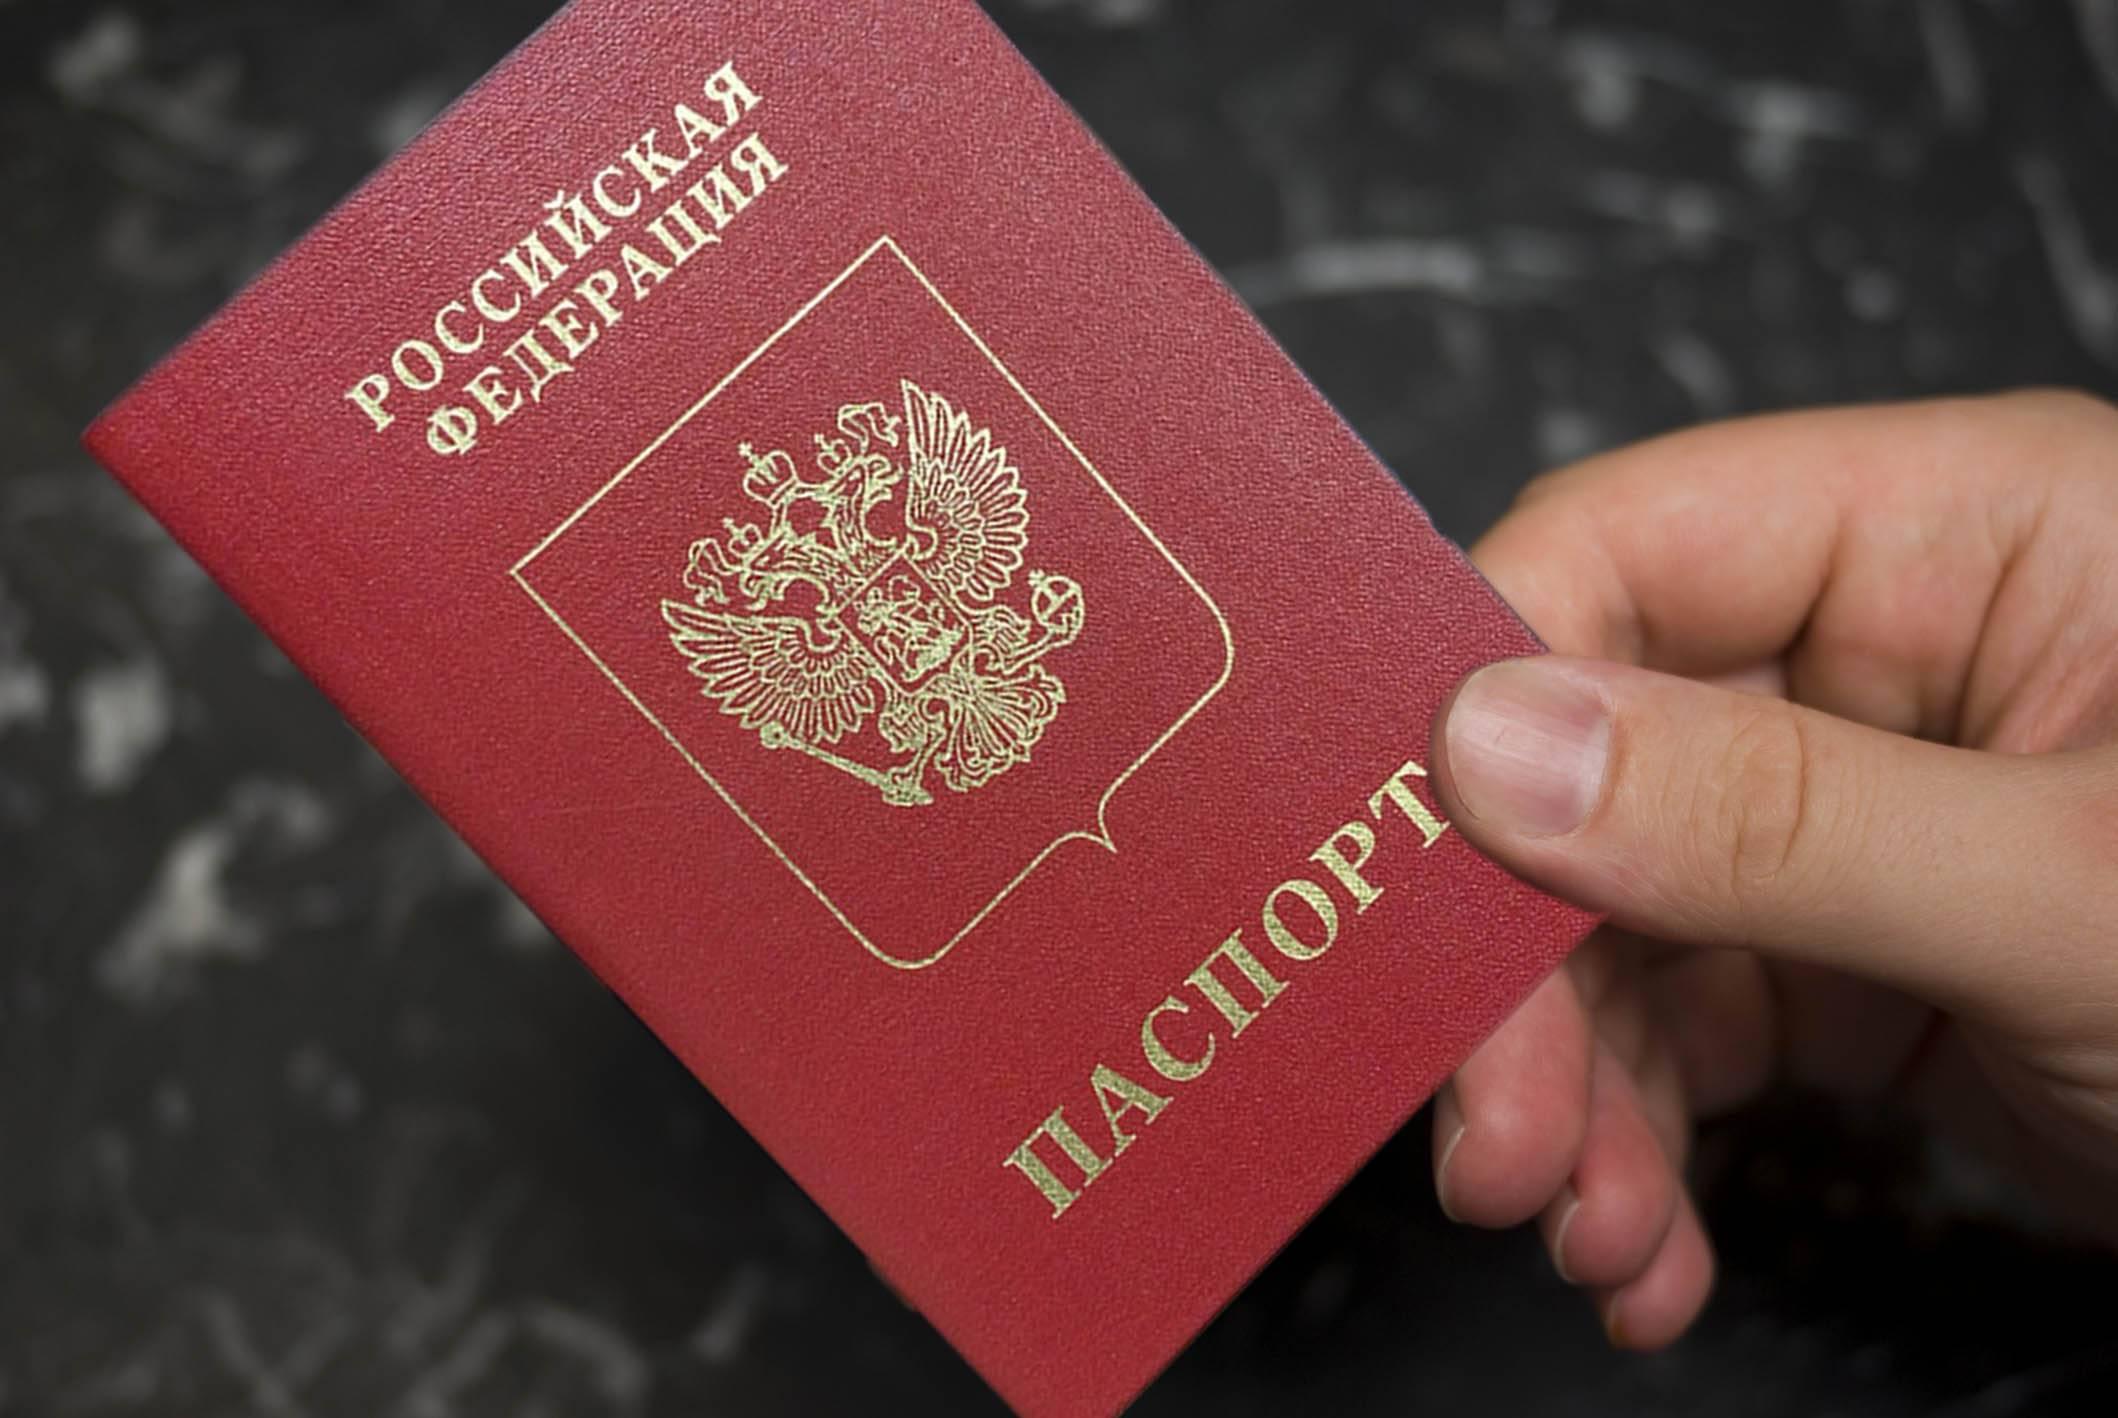 Паспорт недействителен на сайте фмс